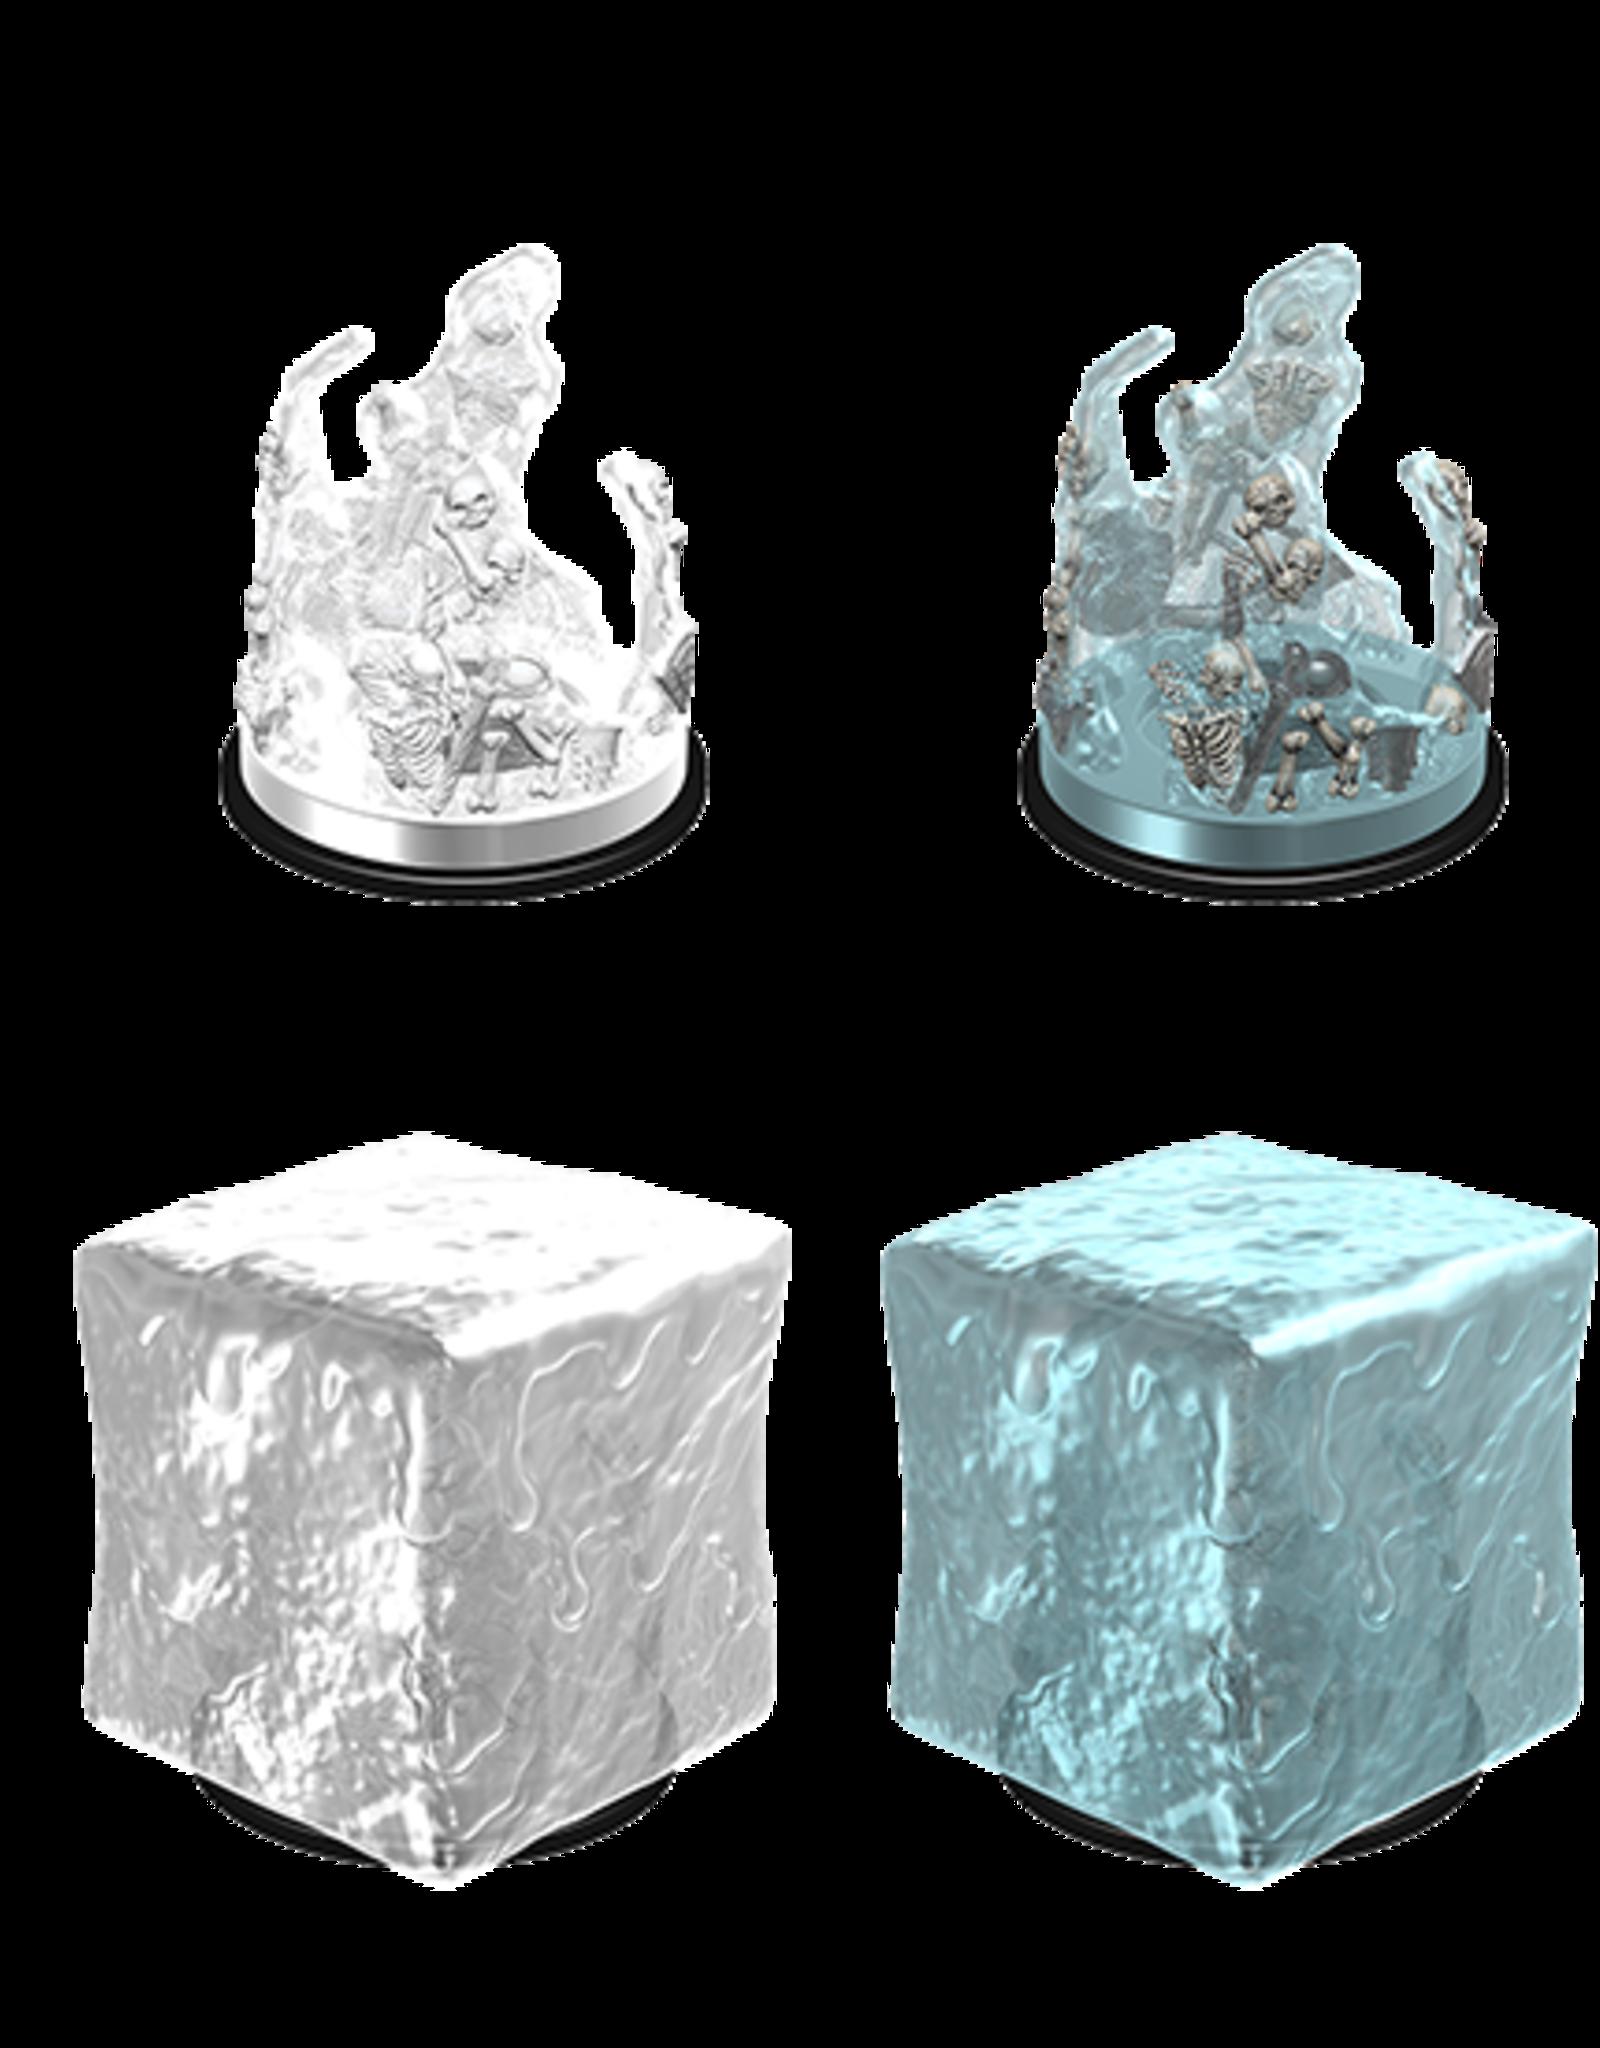 WizKids D&D Nolzur's Marvelous Miniatures: Gelatinous Cube